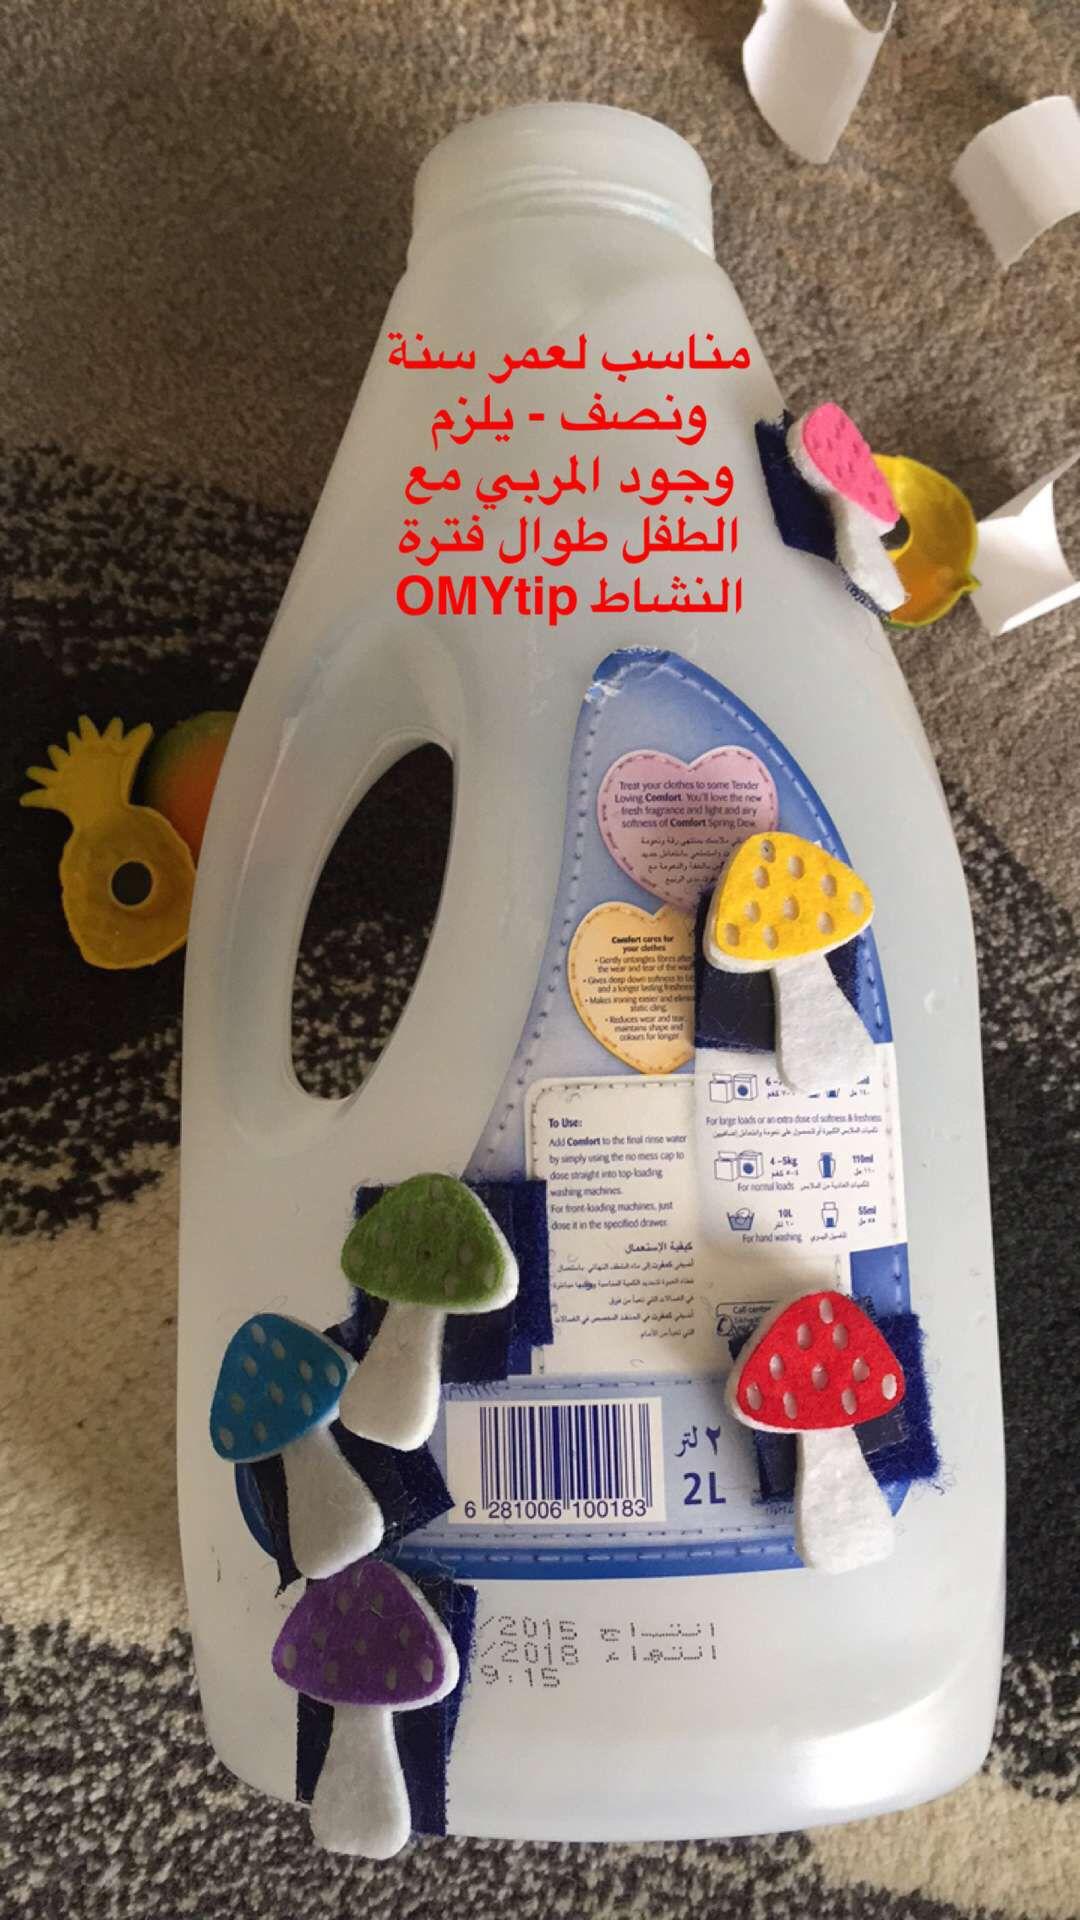 استخدام قطع جاهزه من الچك چك او ال Hook And Loop وتثبيت شريط تم قصه الى مربعات على علبه تنظيف بلاستيكيه وتركيب الشريط الاخر في Activities Memory Games Bottle